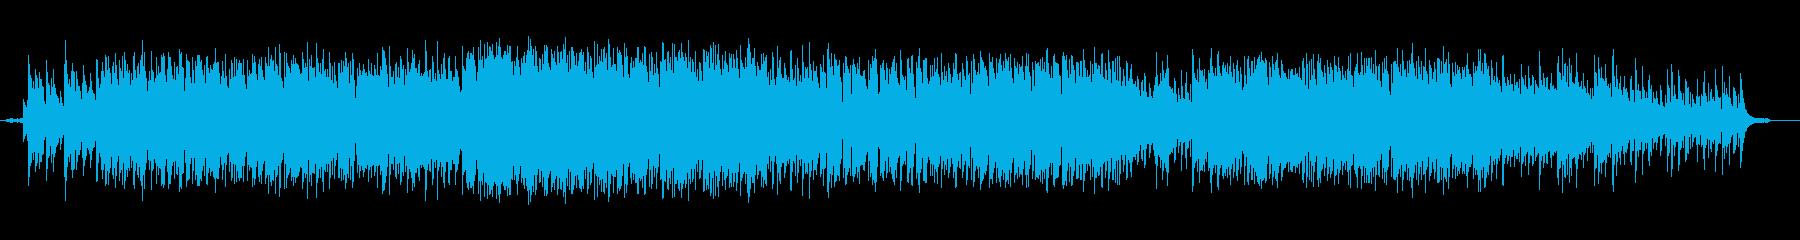 ゆったりとした雰囲気のボサノバの再生済みの波形